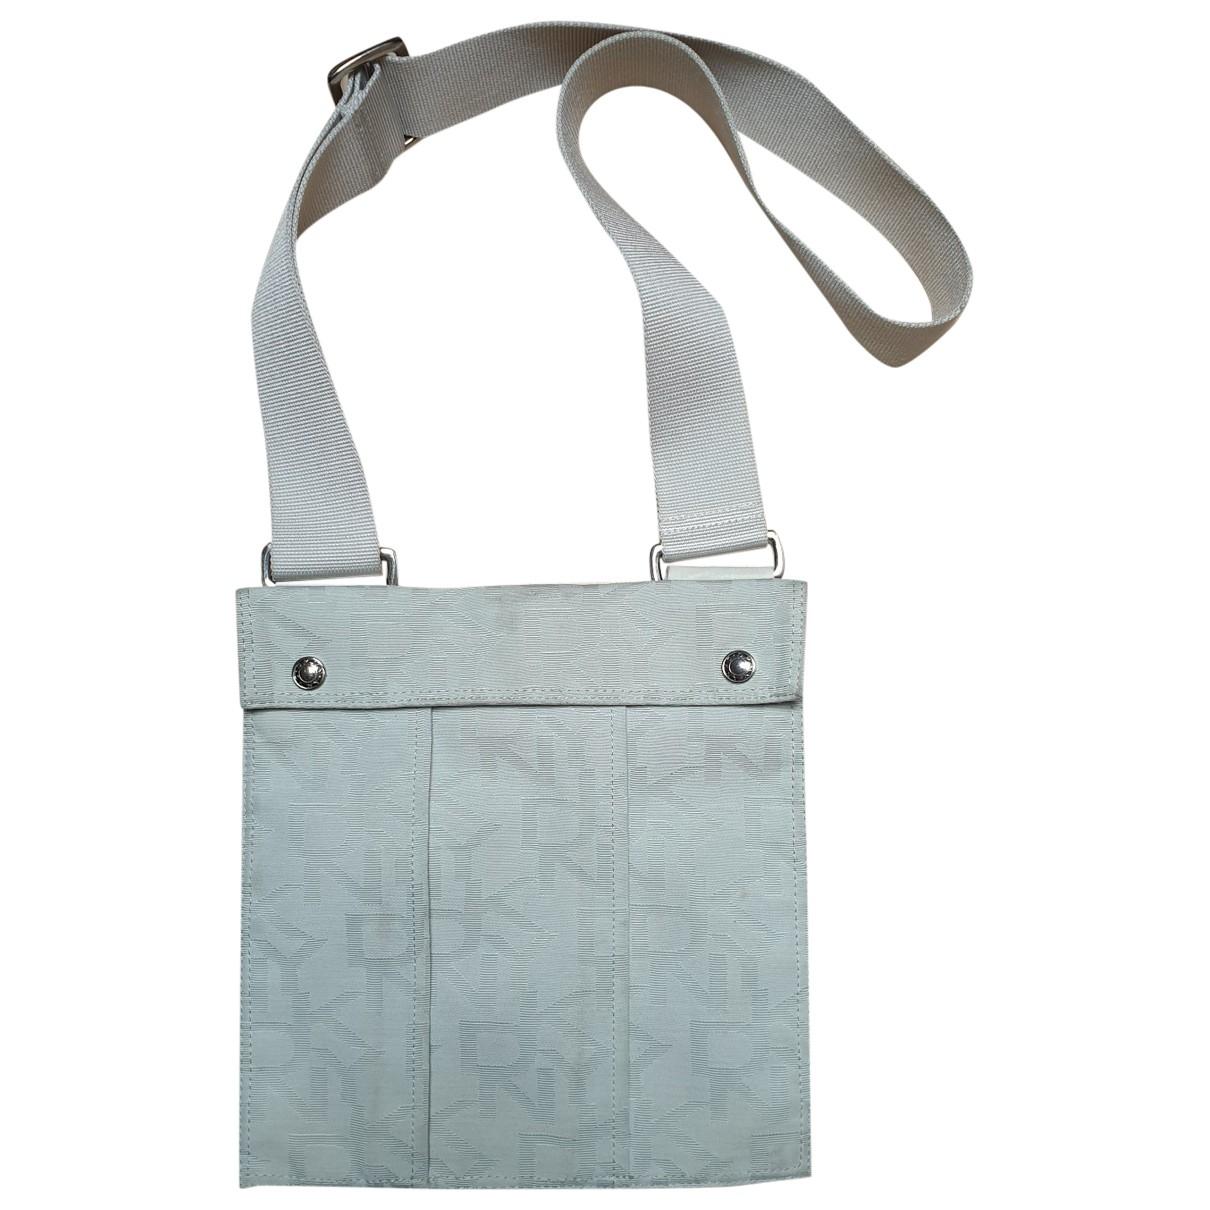 Dkny \N Cloth handbag for Women \N